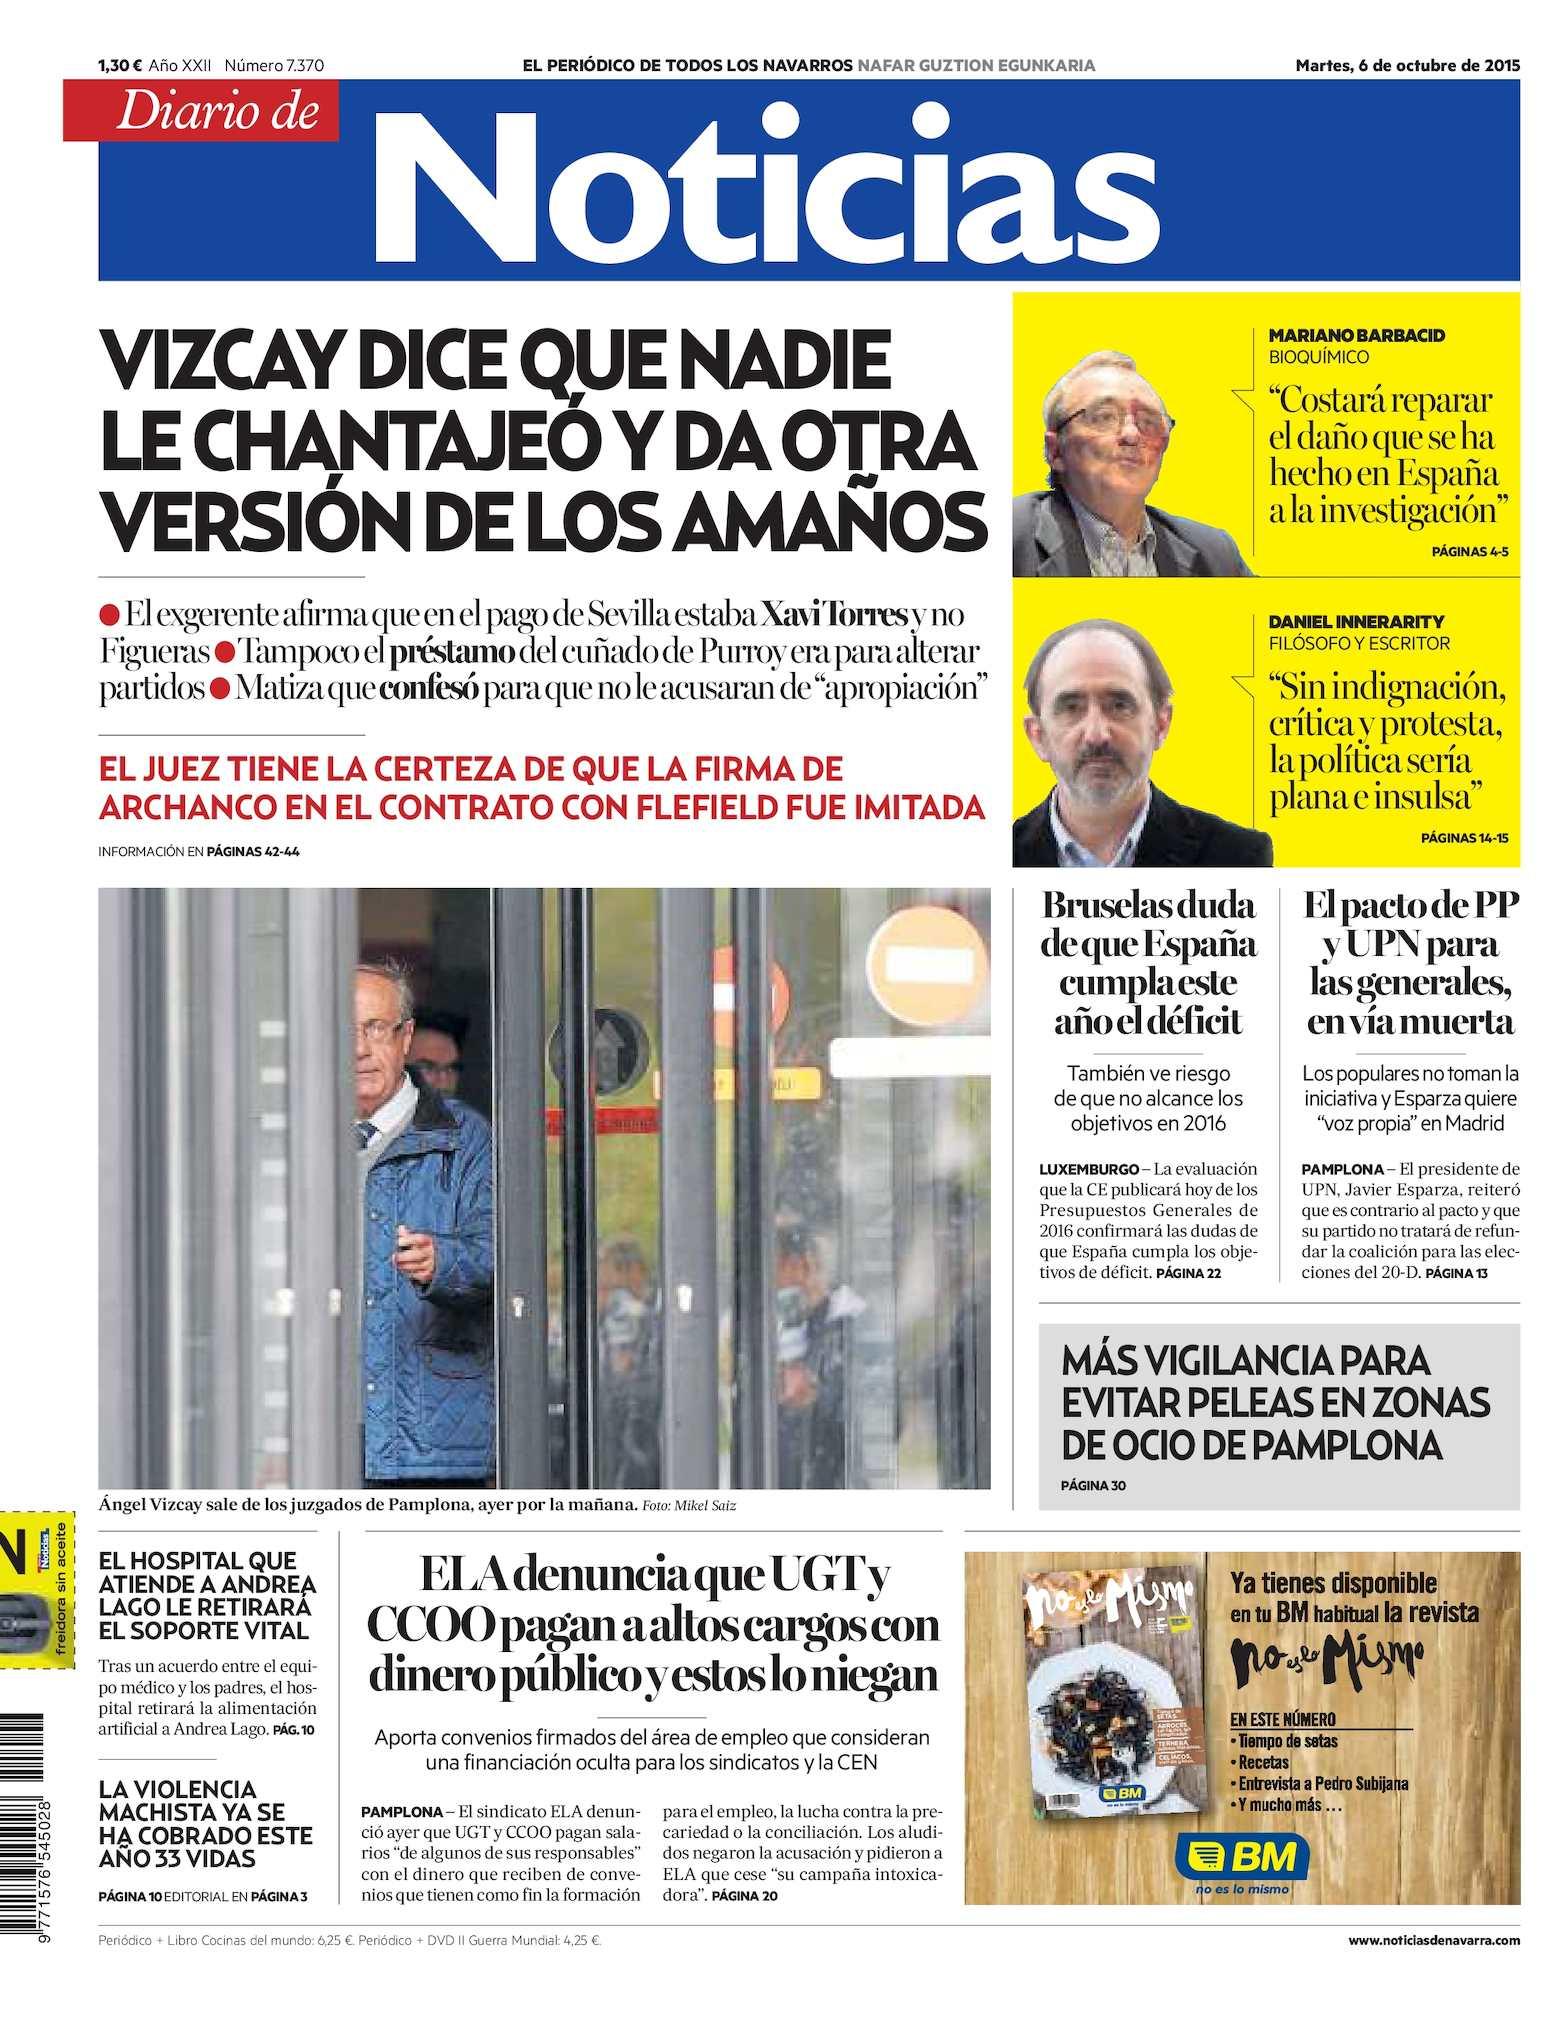 Calaméo - Diario de Noticias 20151006 1b0a87538738